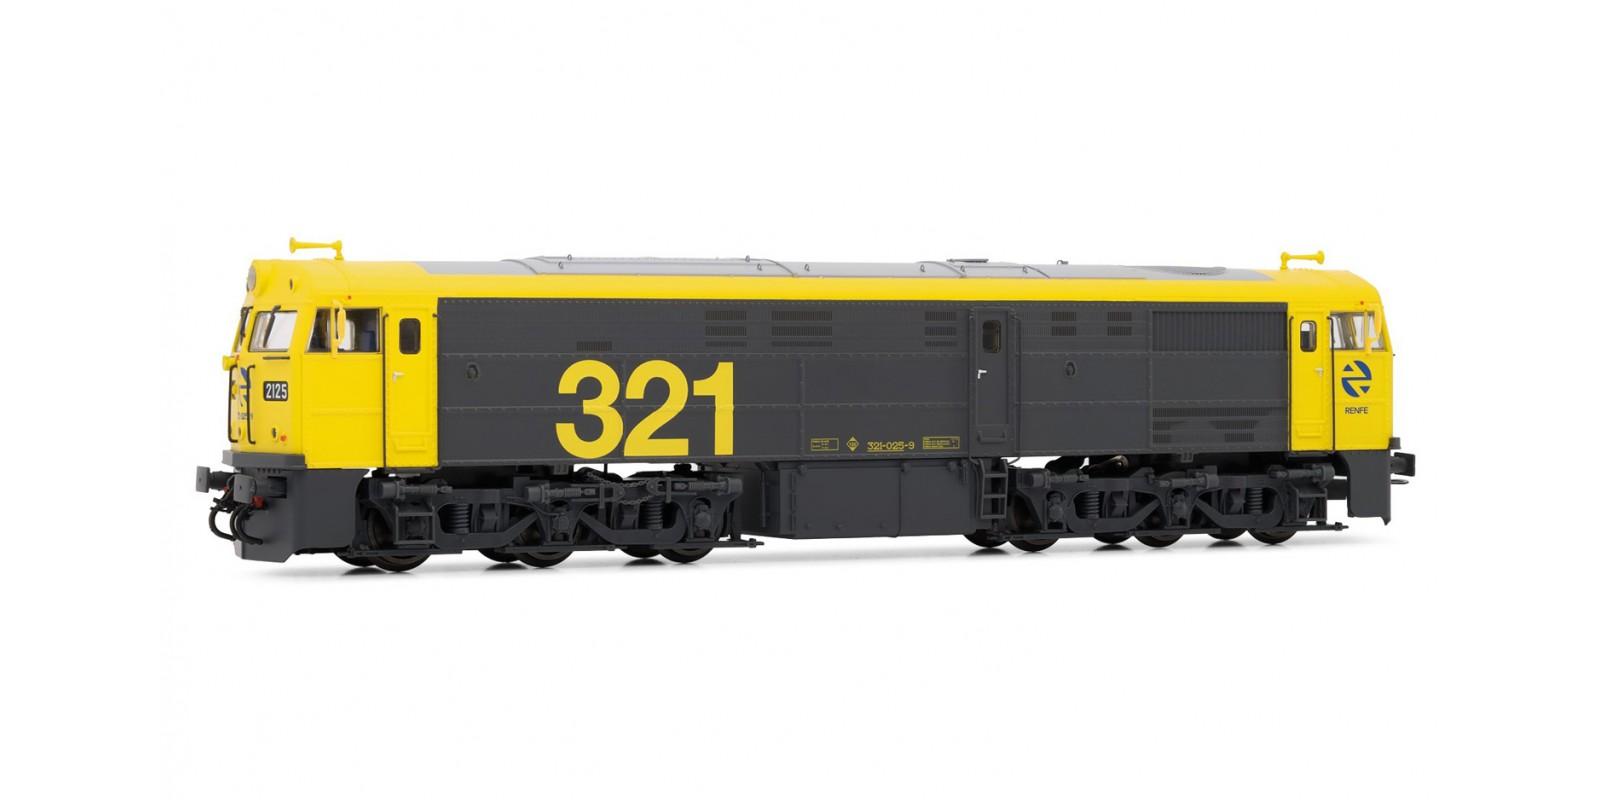 ET3119 Locomotora 321.025 Amarilla-gris